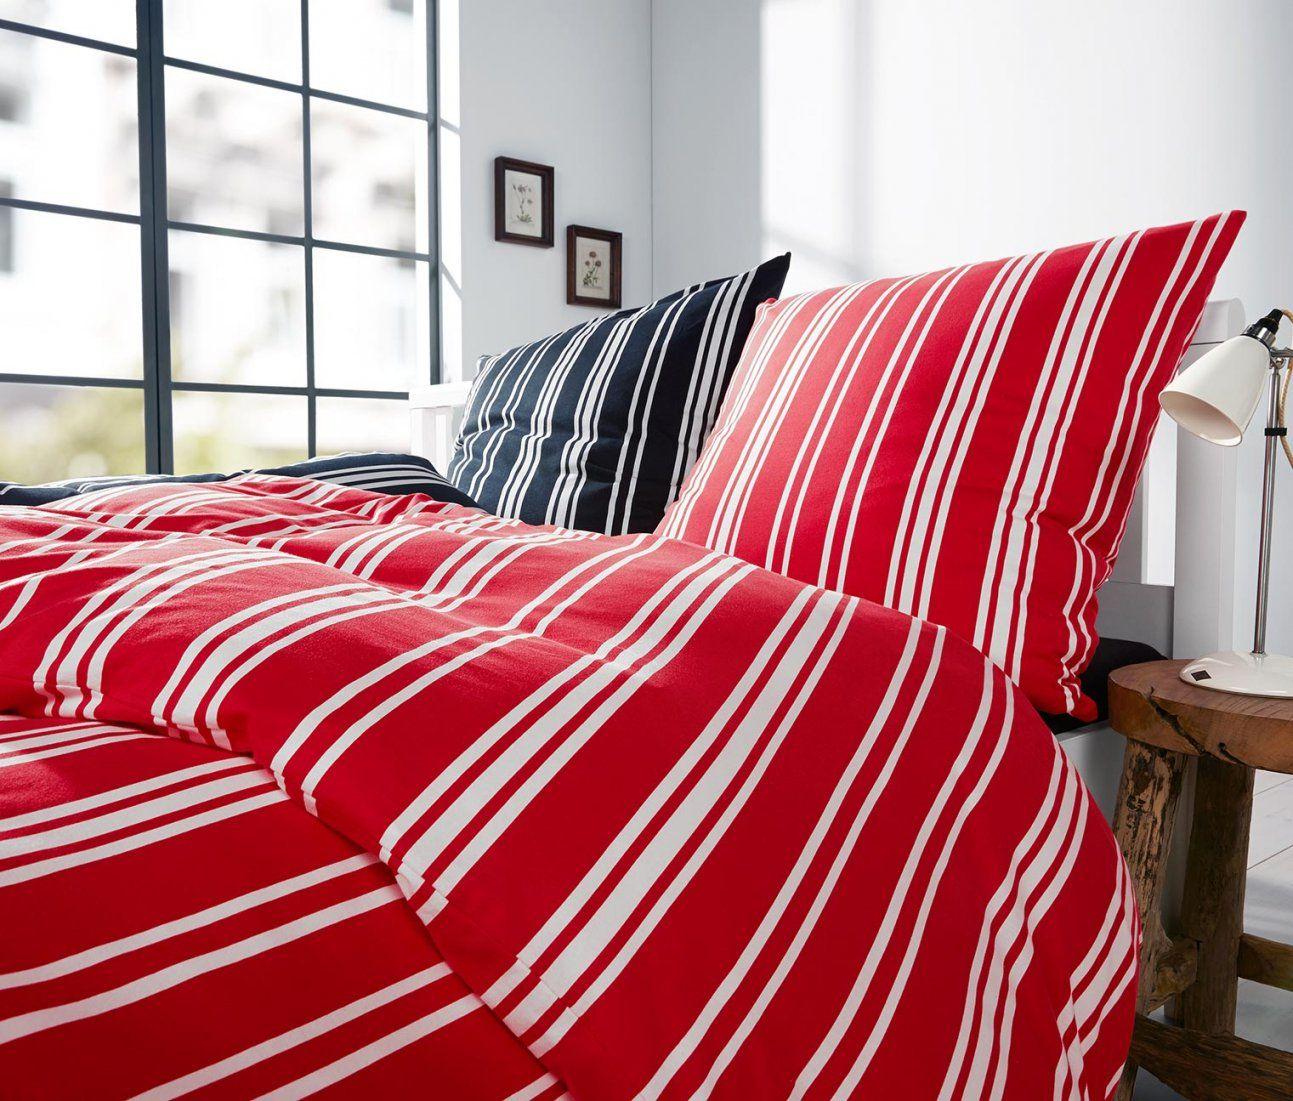 Jerseybettwäsche Rotweiß Gestreift Online Bestellen Bei Tchibo 309832 von Jersey Bettwäsche Tchibo Bild